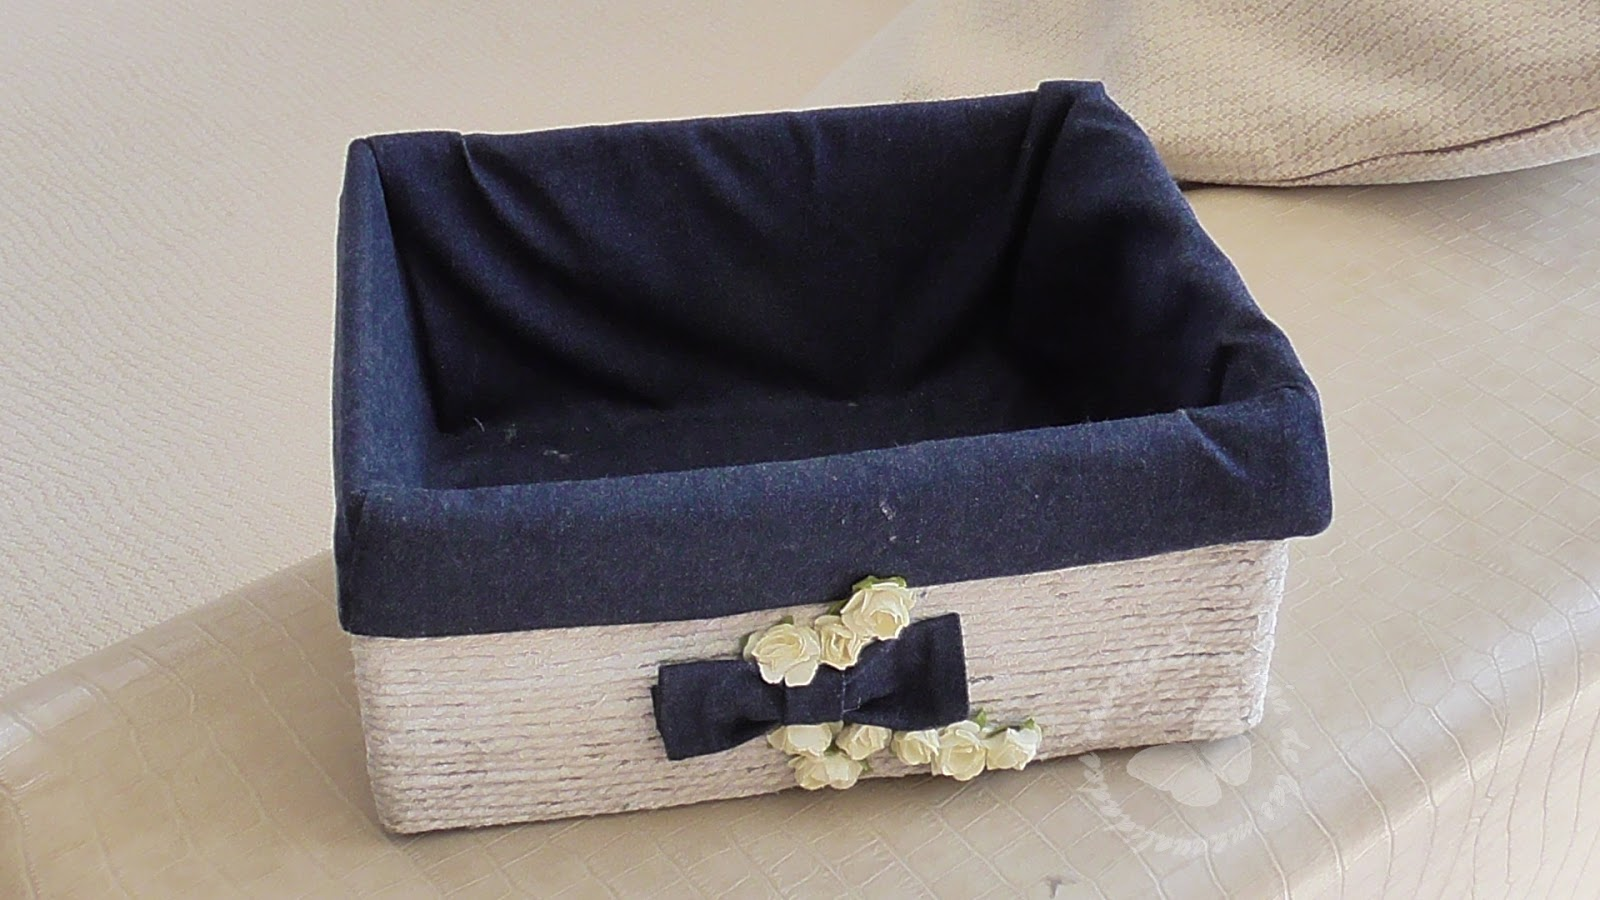 El rinc n de las manualidades caseras c mo decorar una - Forrar cajas de carton con telas ...